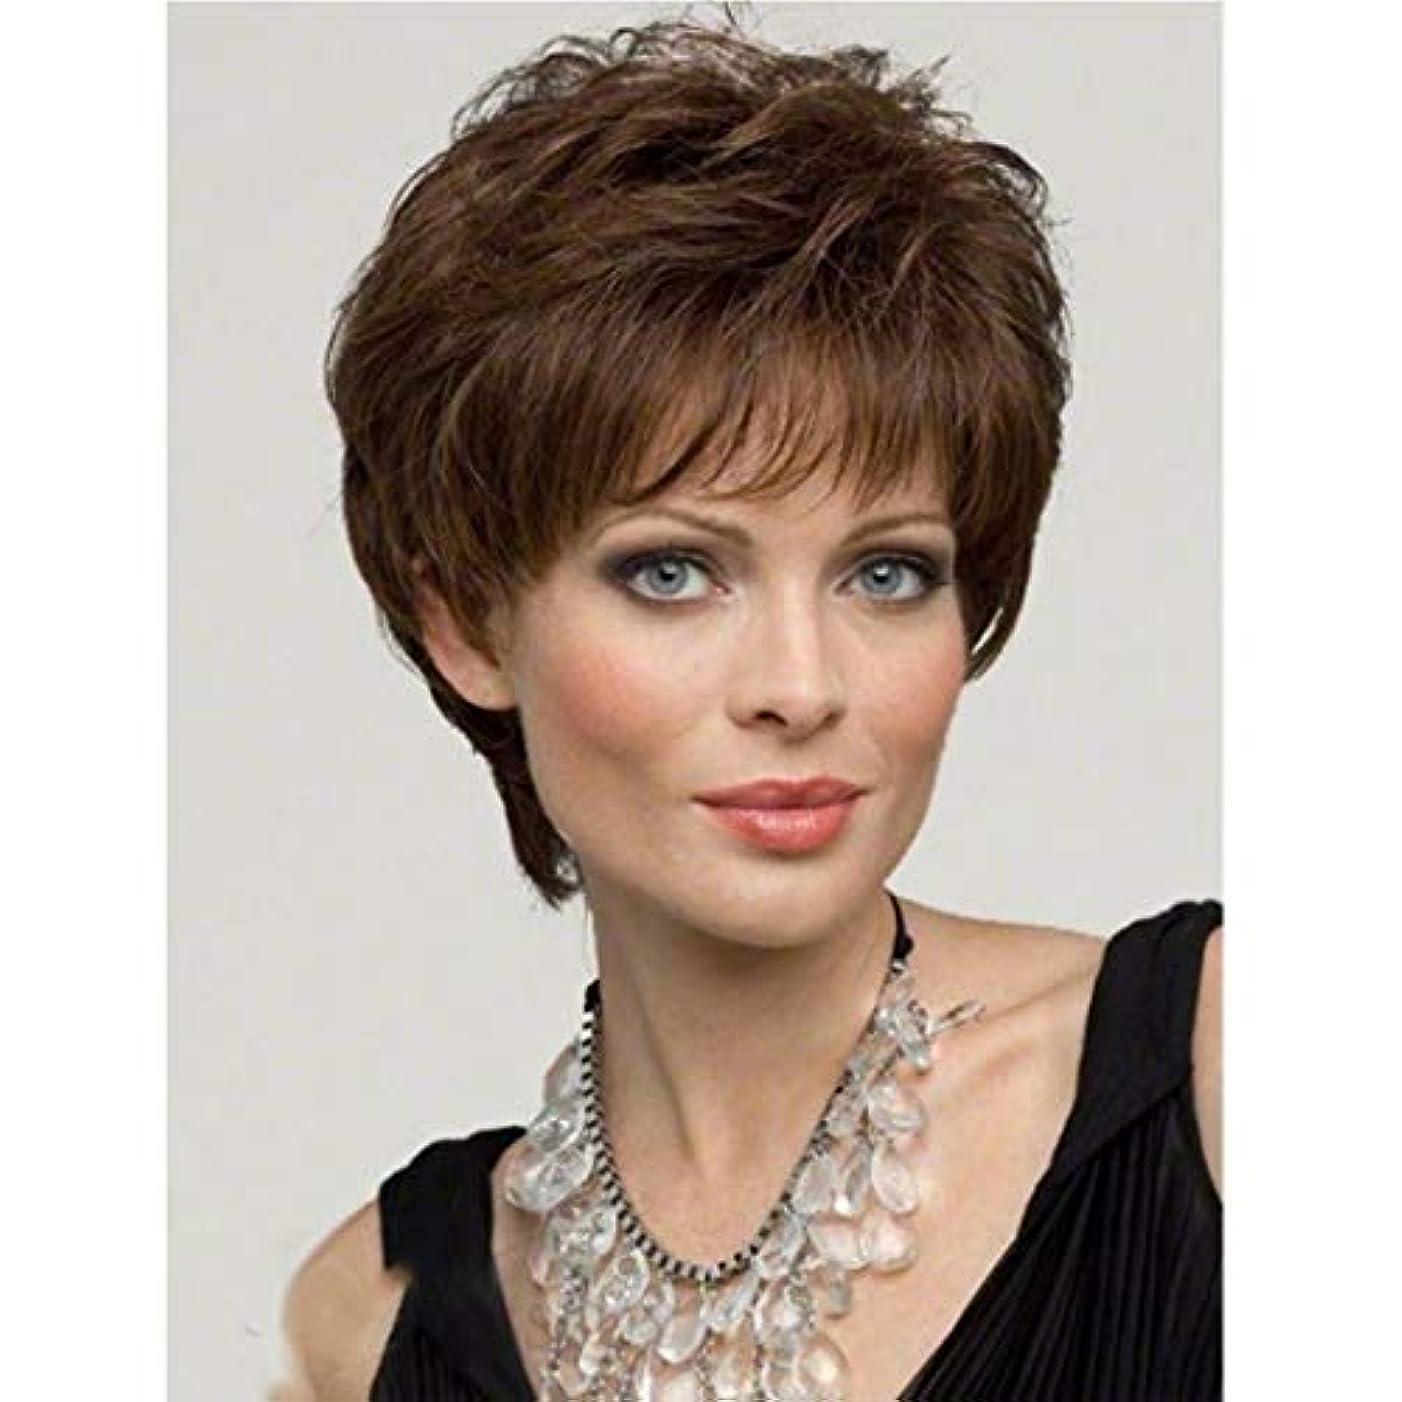 インレイ再び補償Kerwinner 女性のための茶色のかつら短い巻き毛のかつら合成完全女性のかつら